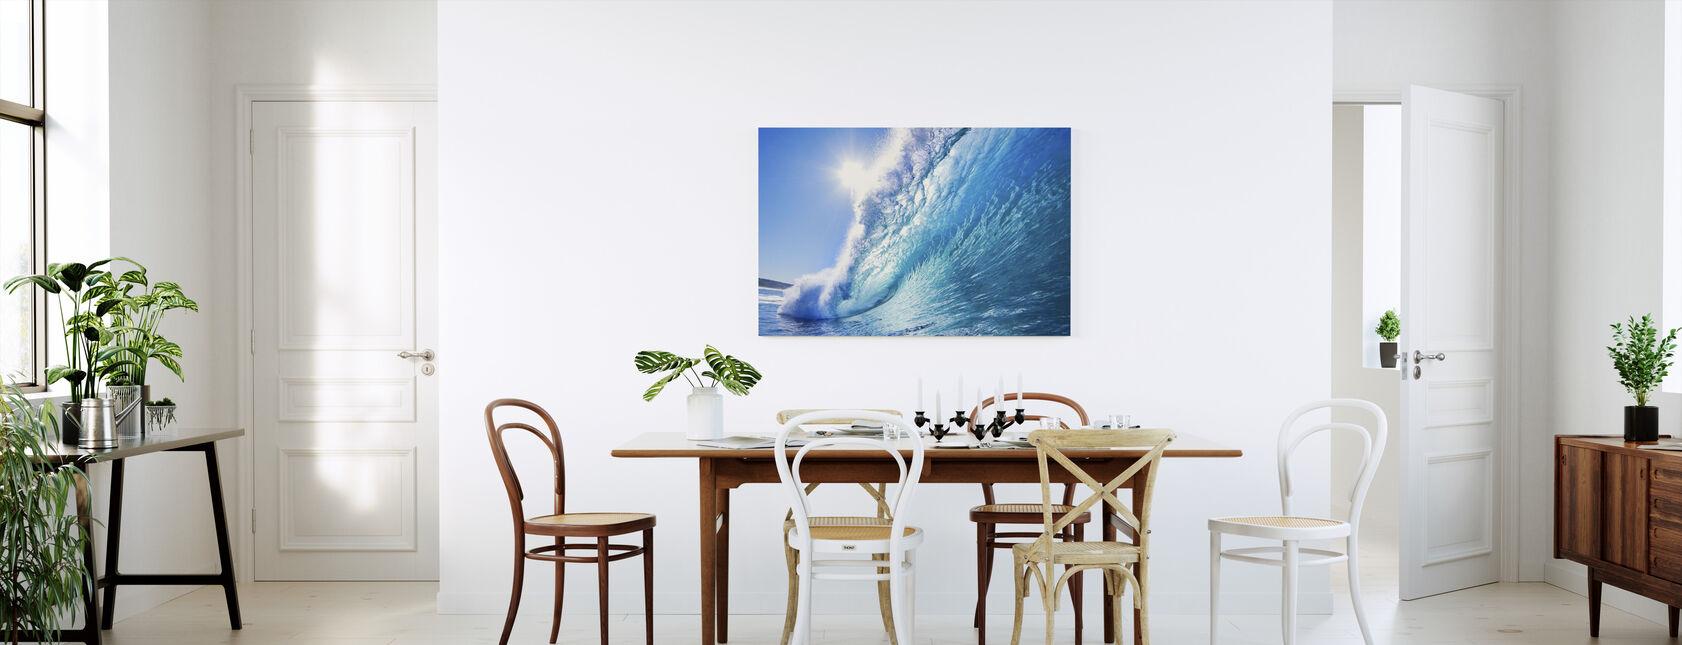 Big Blue Surfing Wave - Canvas print - Kitchen